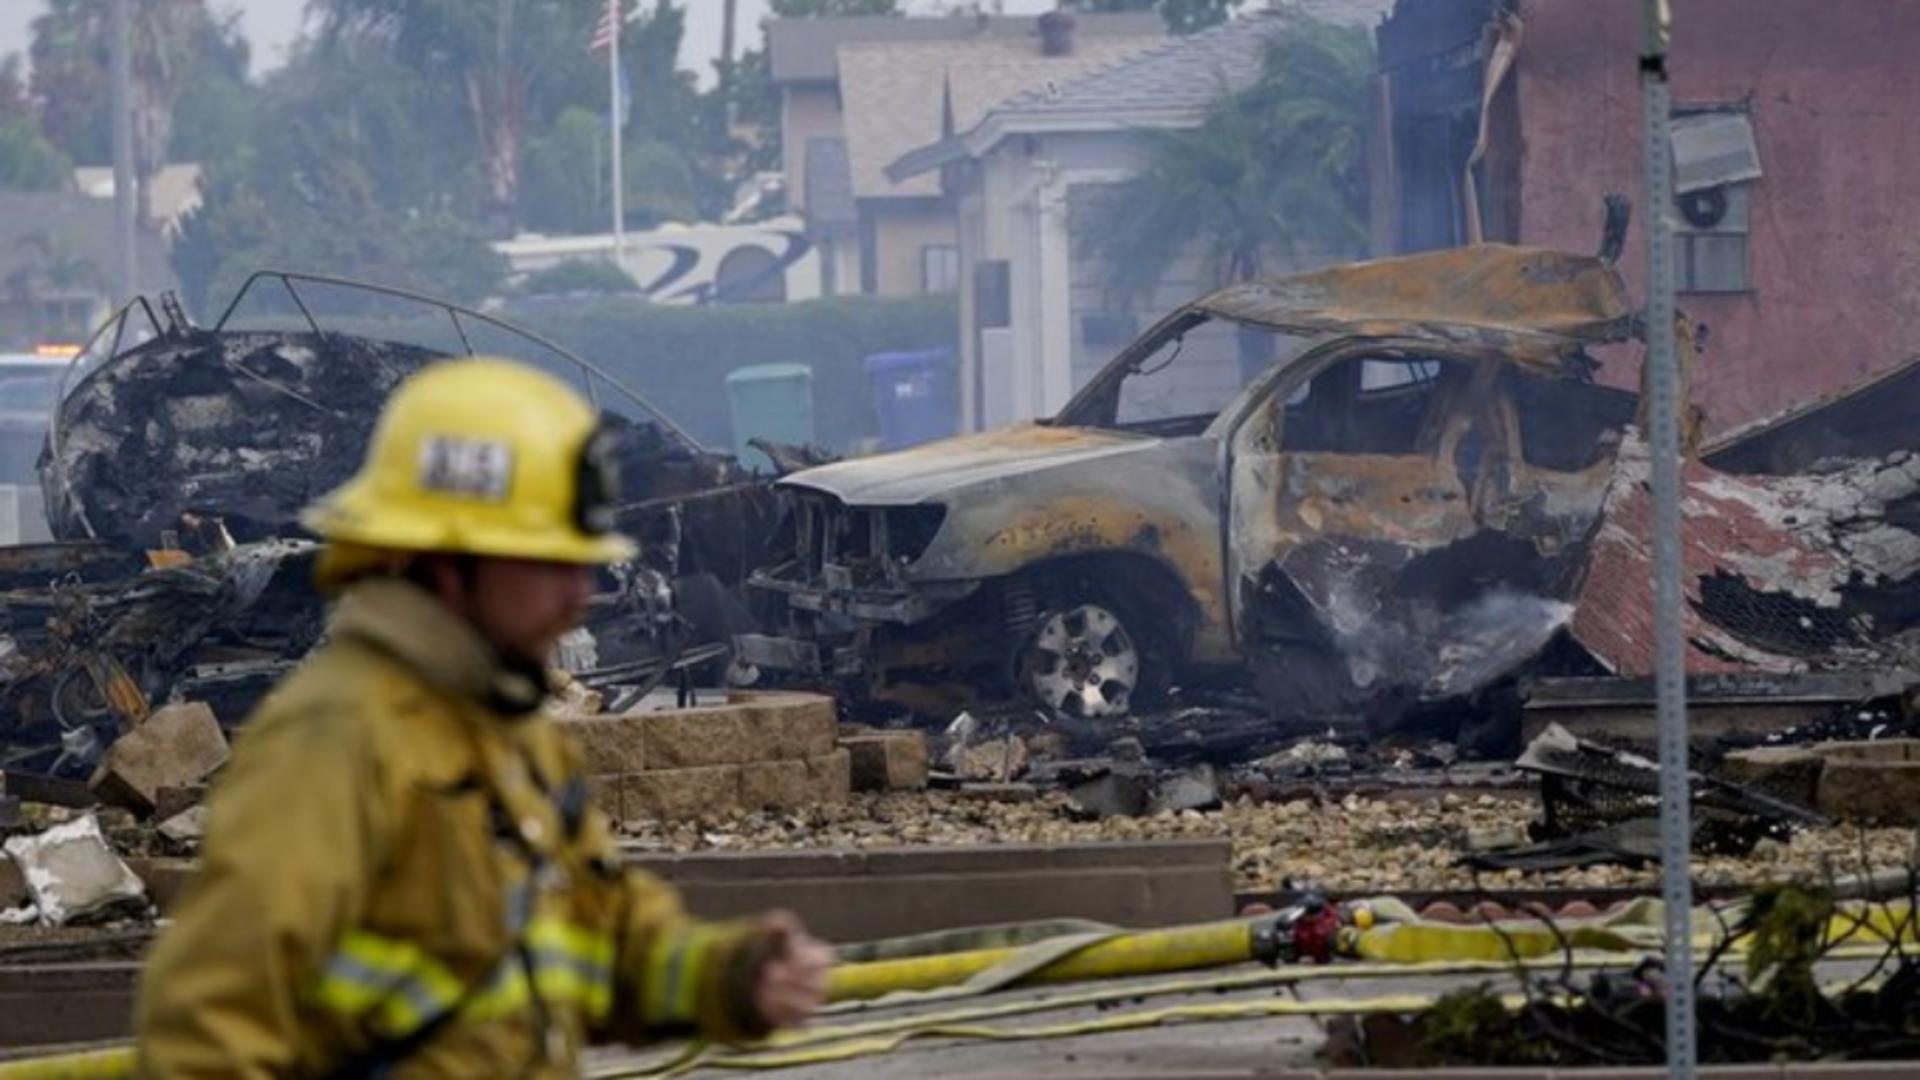 Tragedie în San Diego, California: Mai multe VICTIME - Morți și răniți, case în flăcări după ce un avion s-a prăbușit